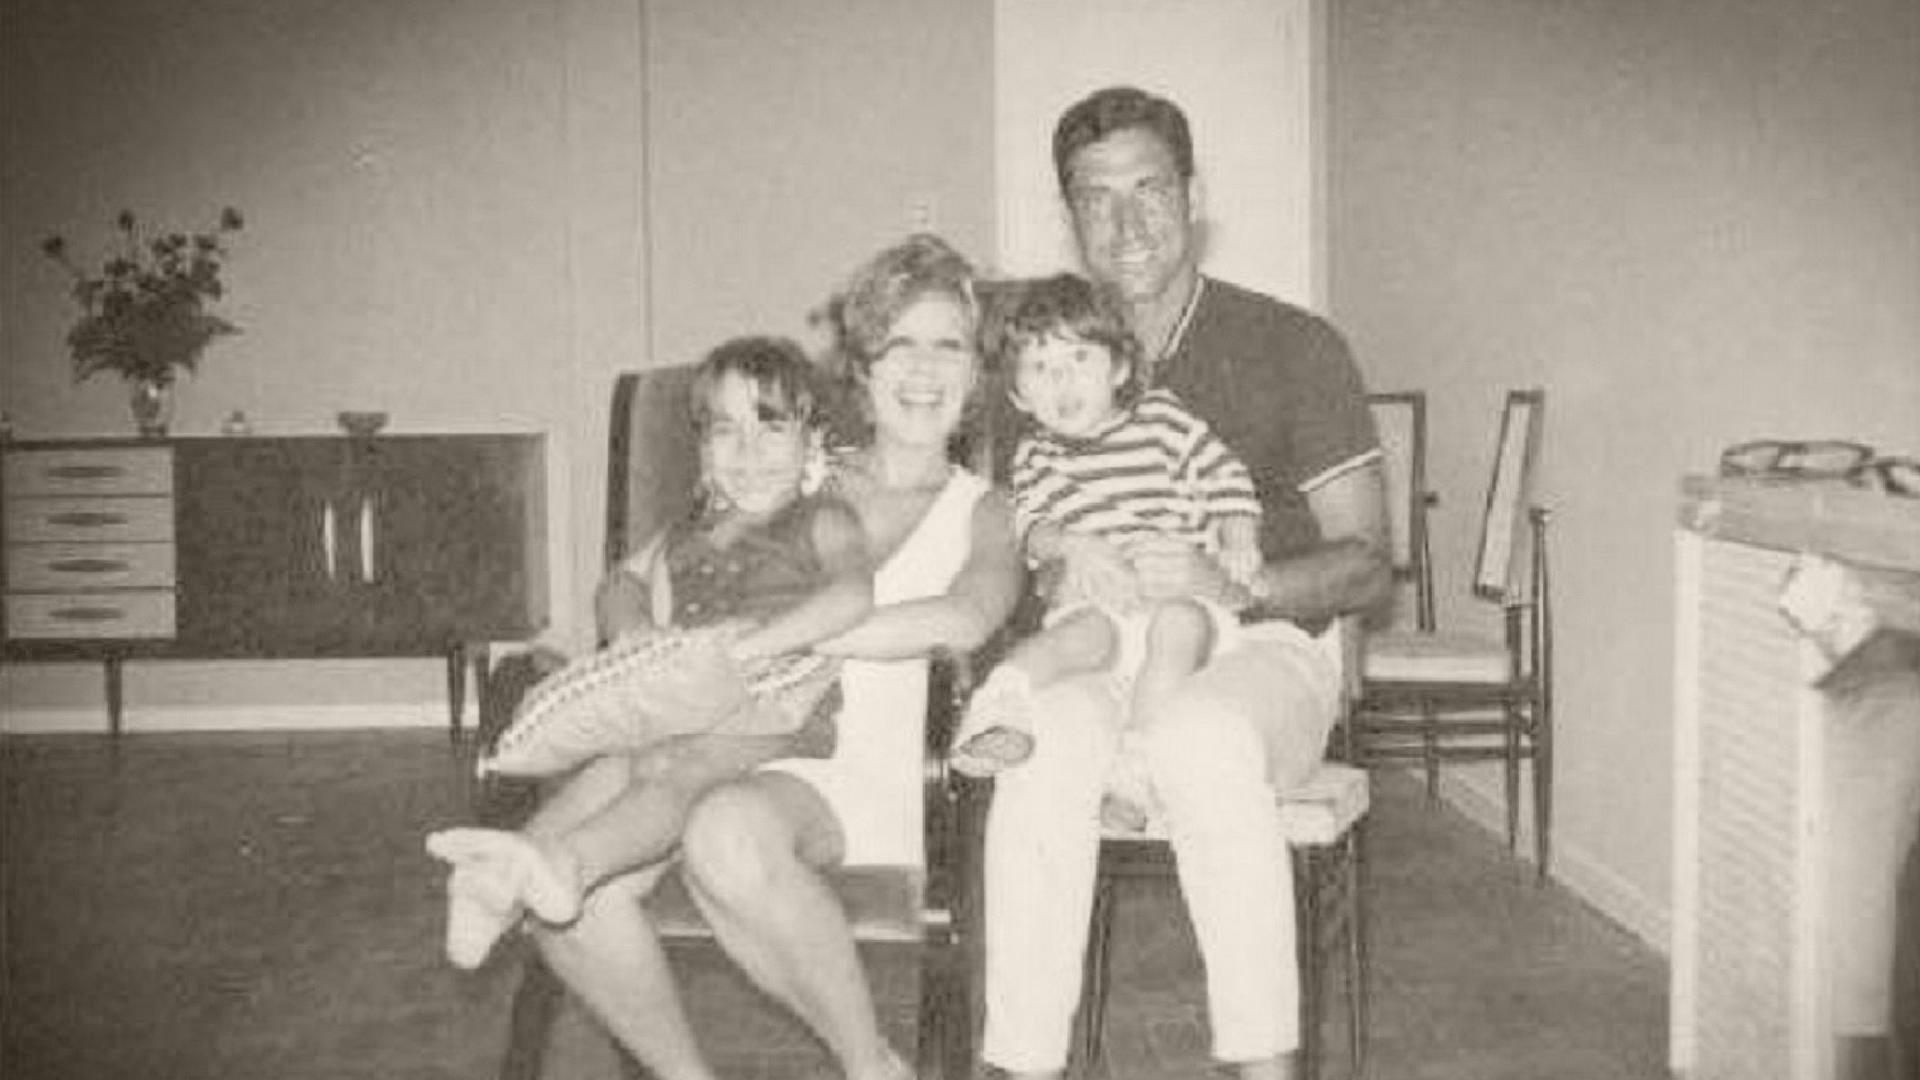 Arquivo pessoal/Família de Cláudio Coutinho